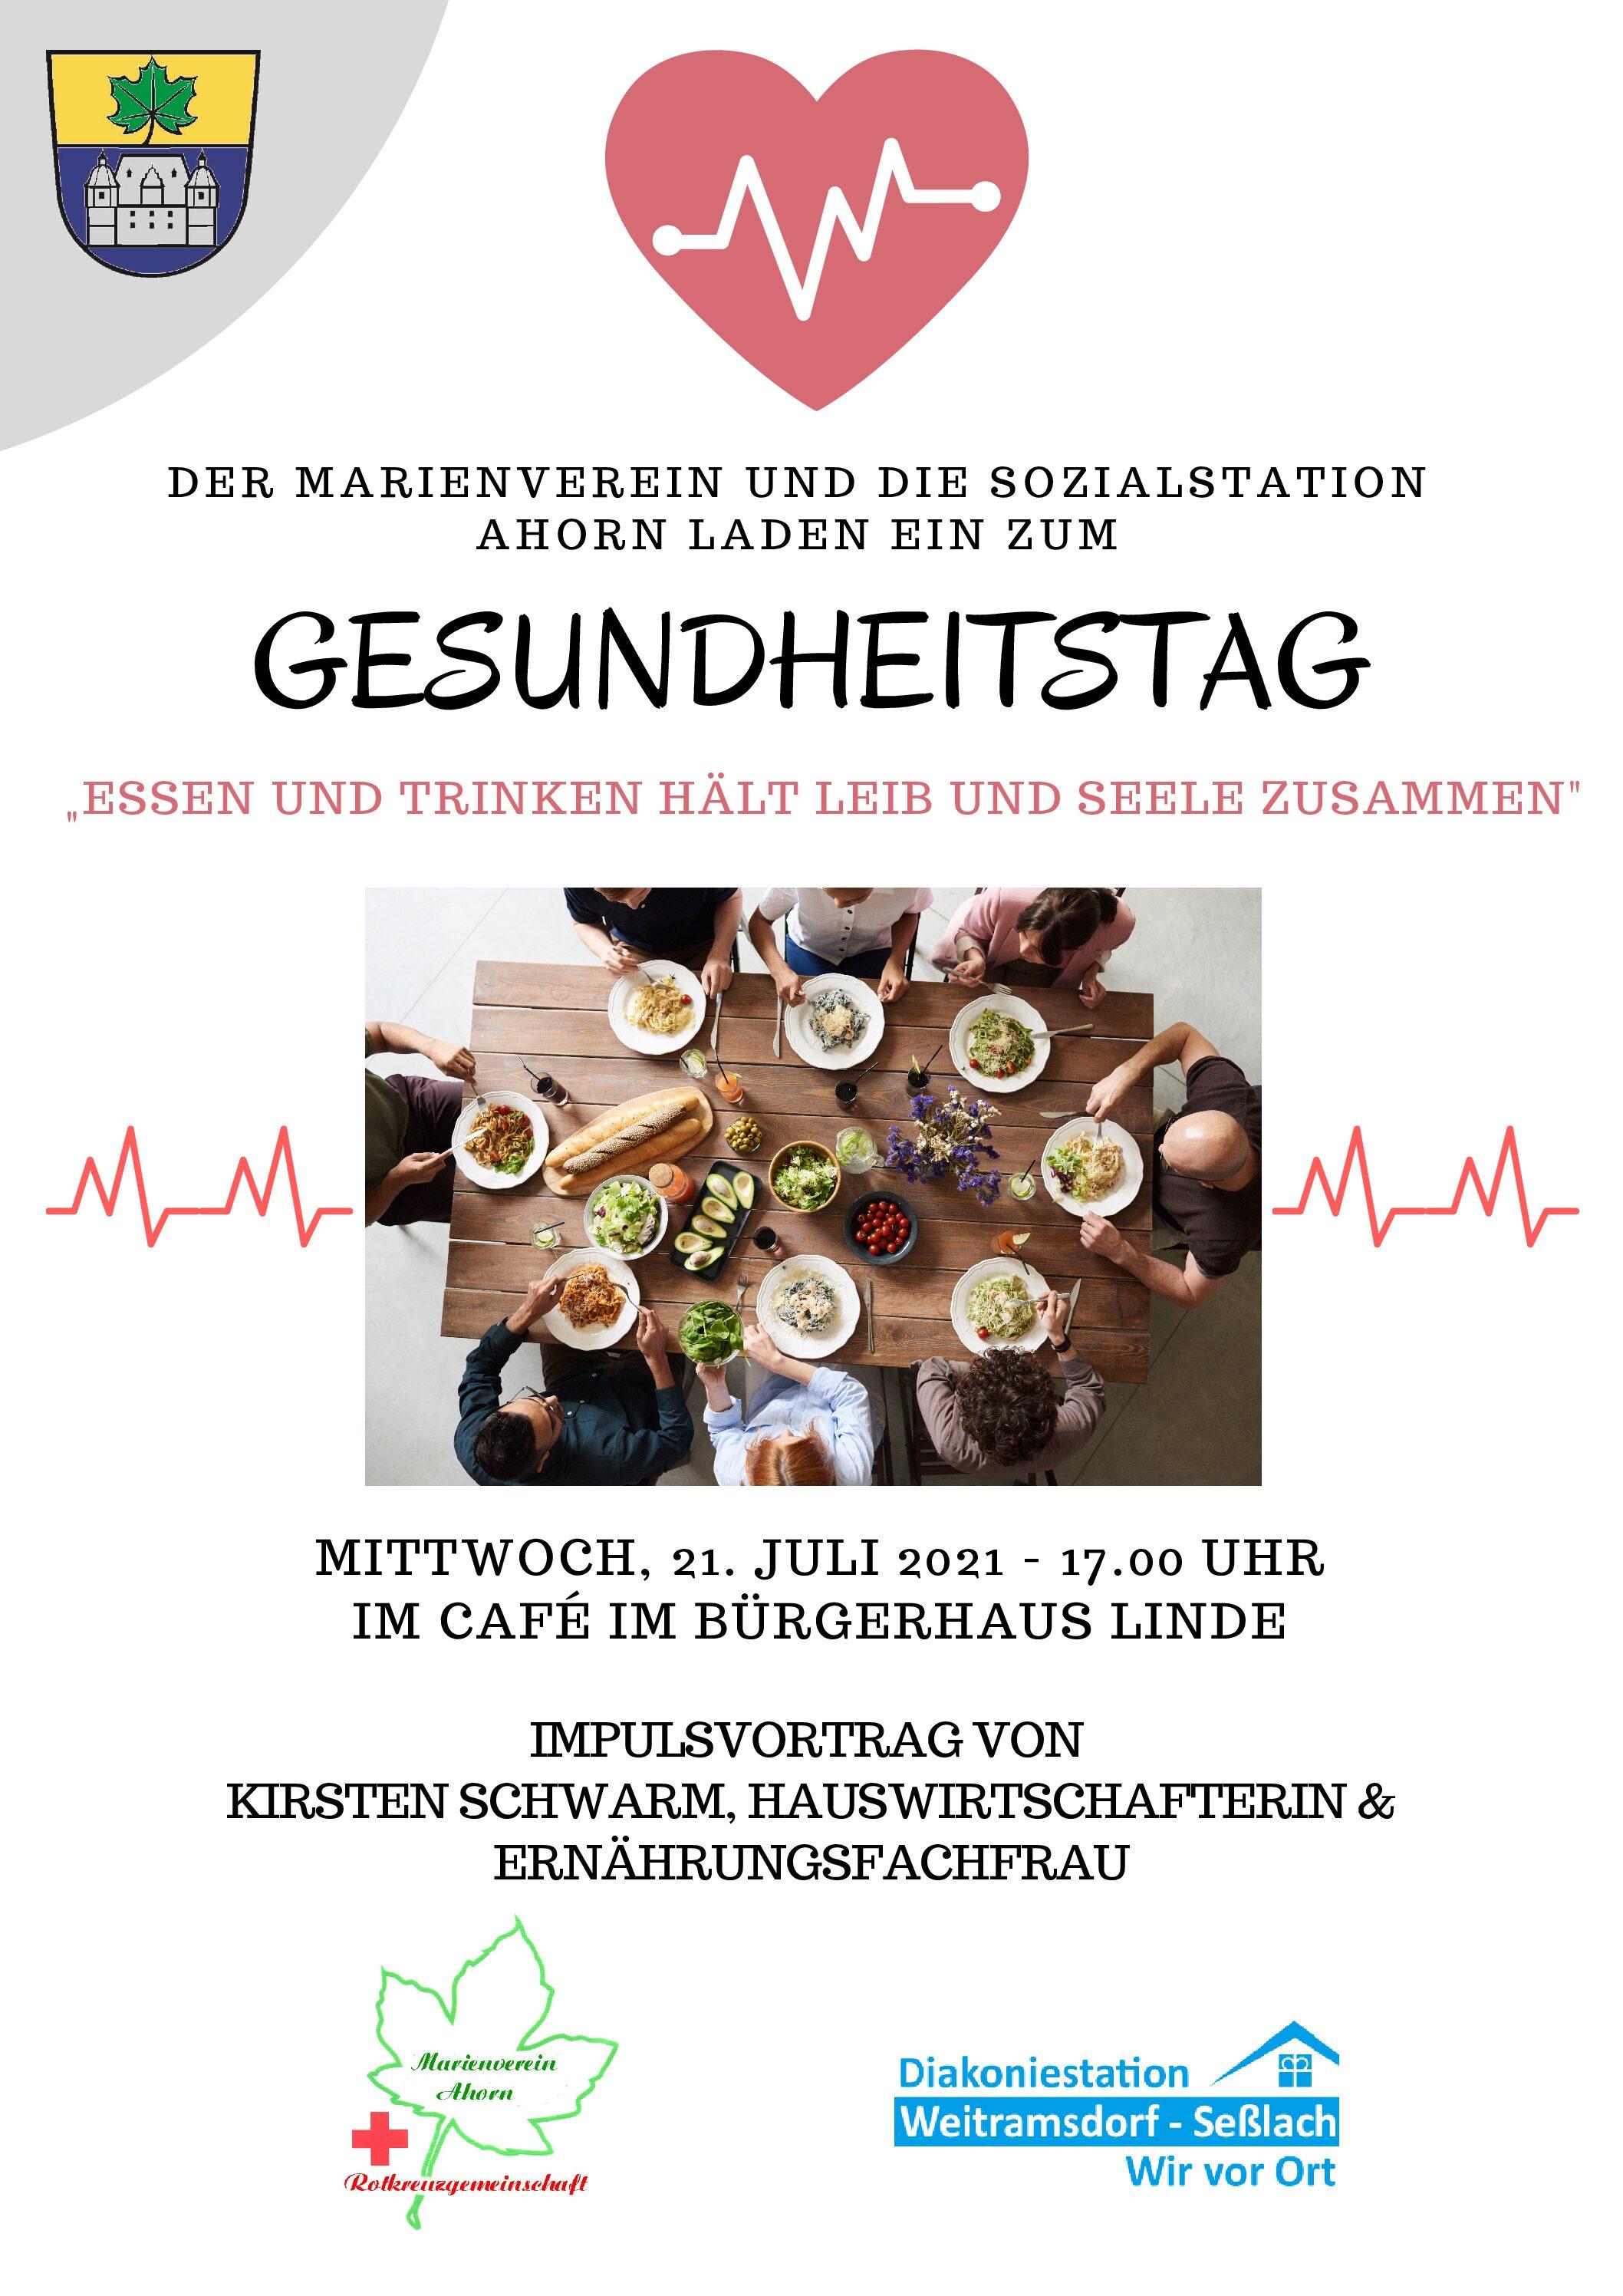 Ahorner Gesundheitstag am 21.07.2021 ab 17 Uhr im Bürgerhaus Linde